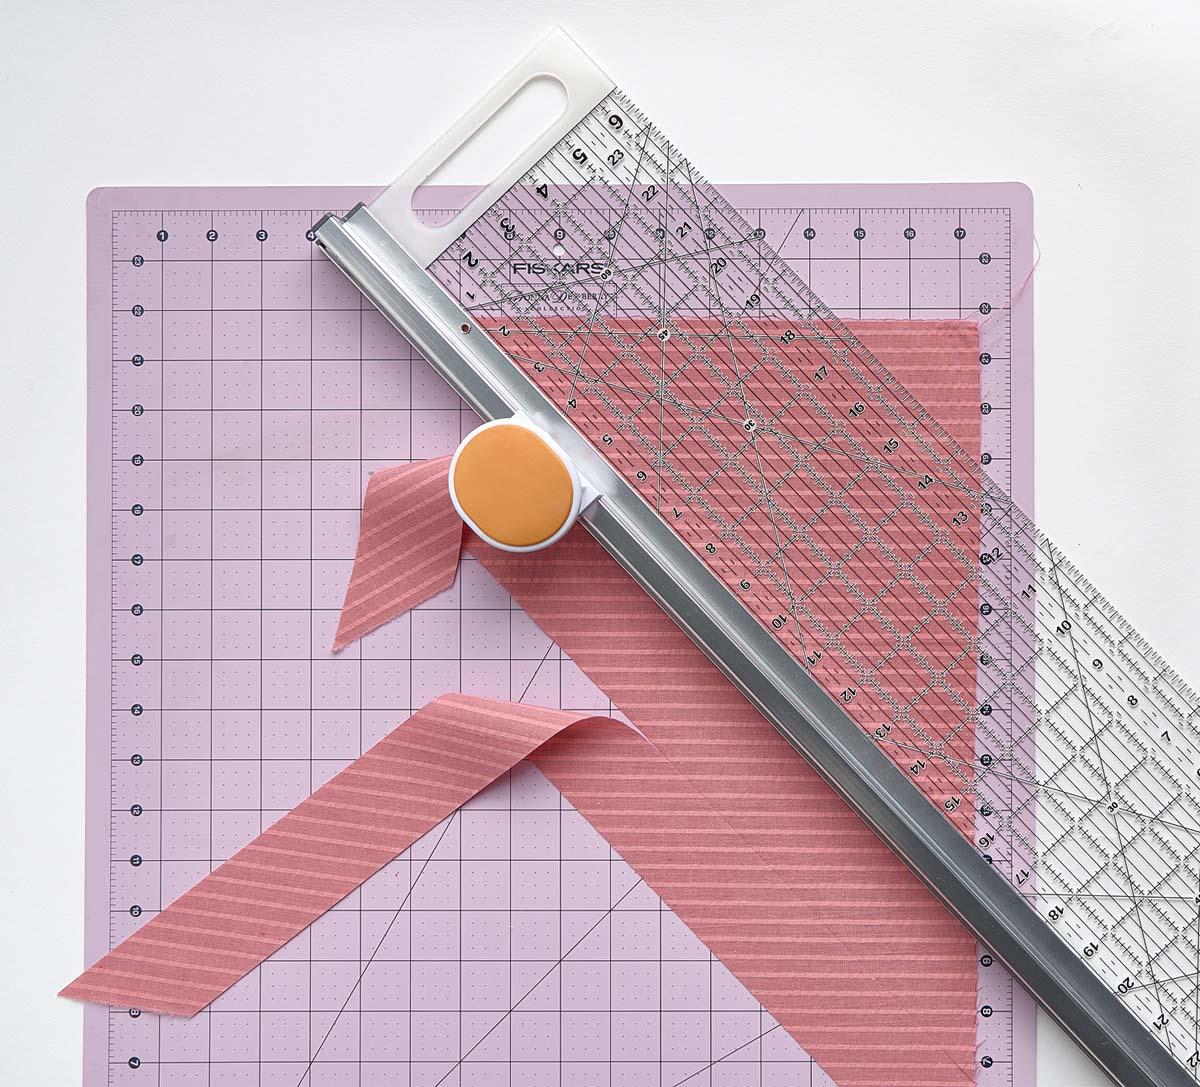 Fiskars Rotary Cutter & Ruler Combo, $36.42 (AllStitch.net).